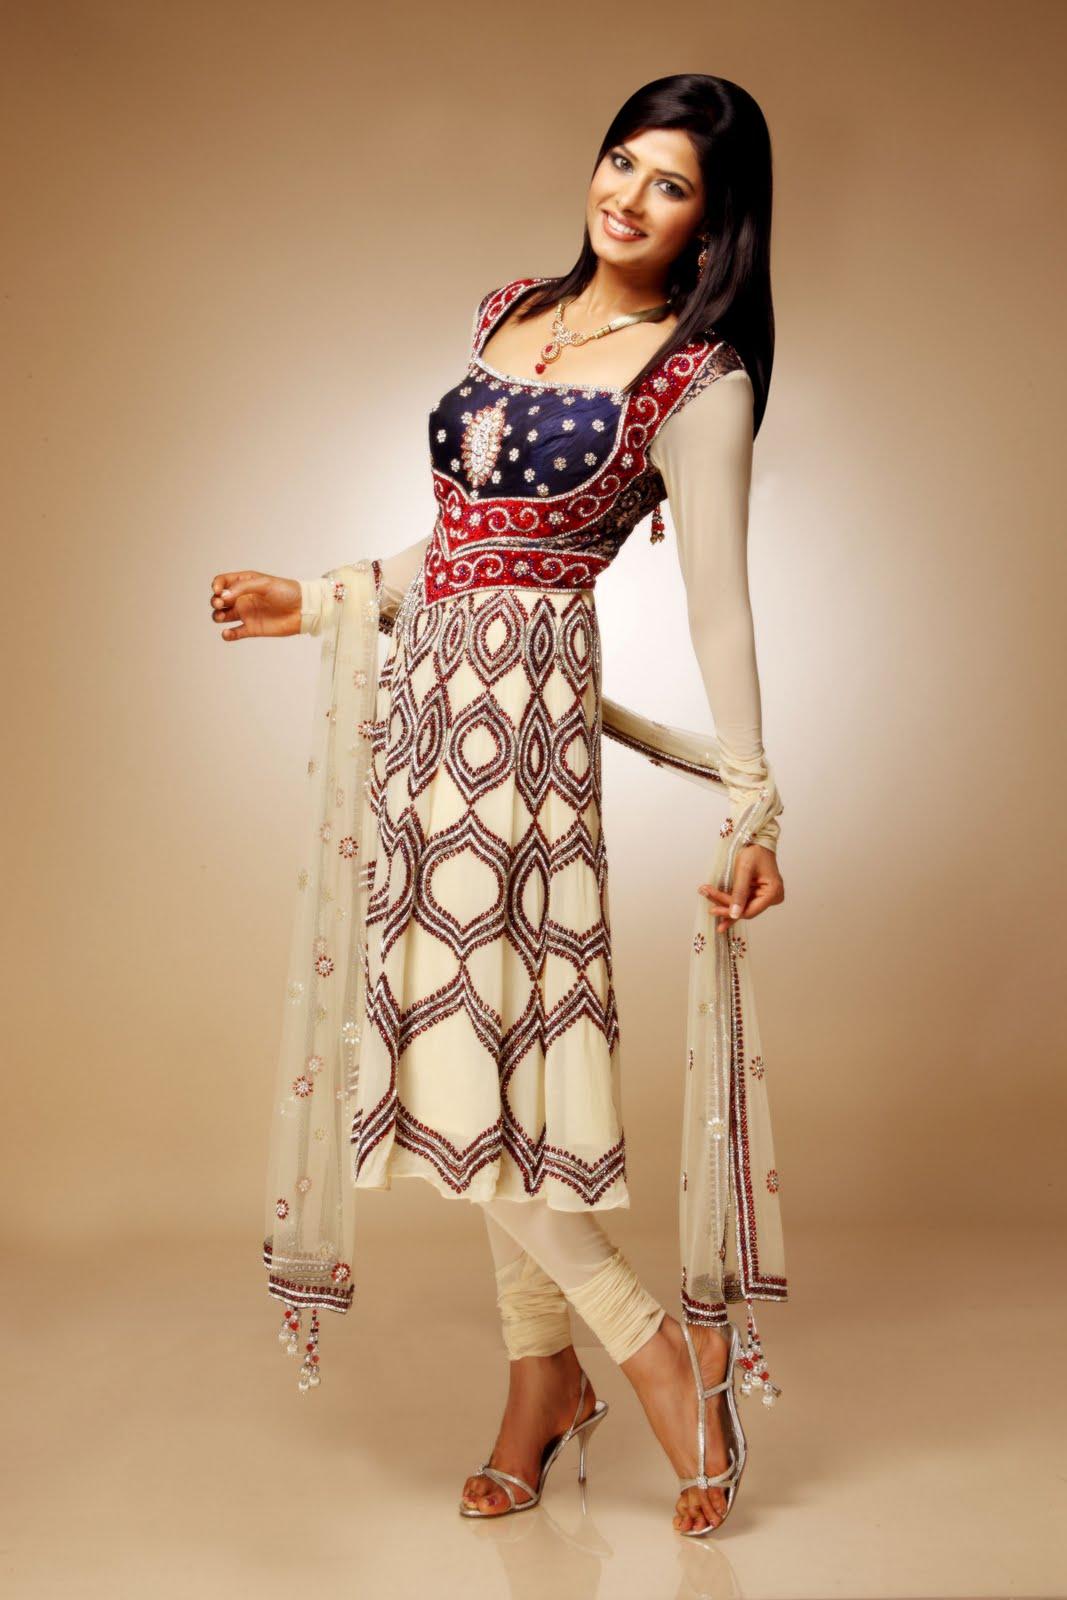 pakistani bridel wear, pakistani bridal wear, bridalwear ...